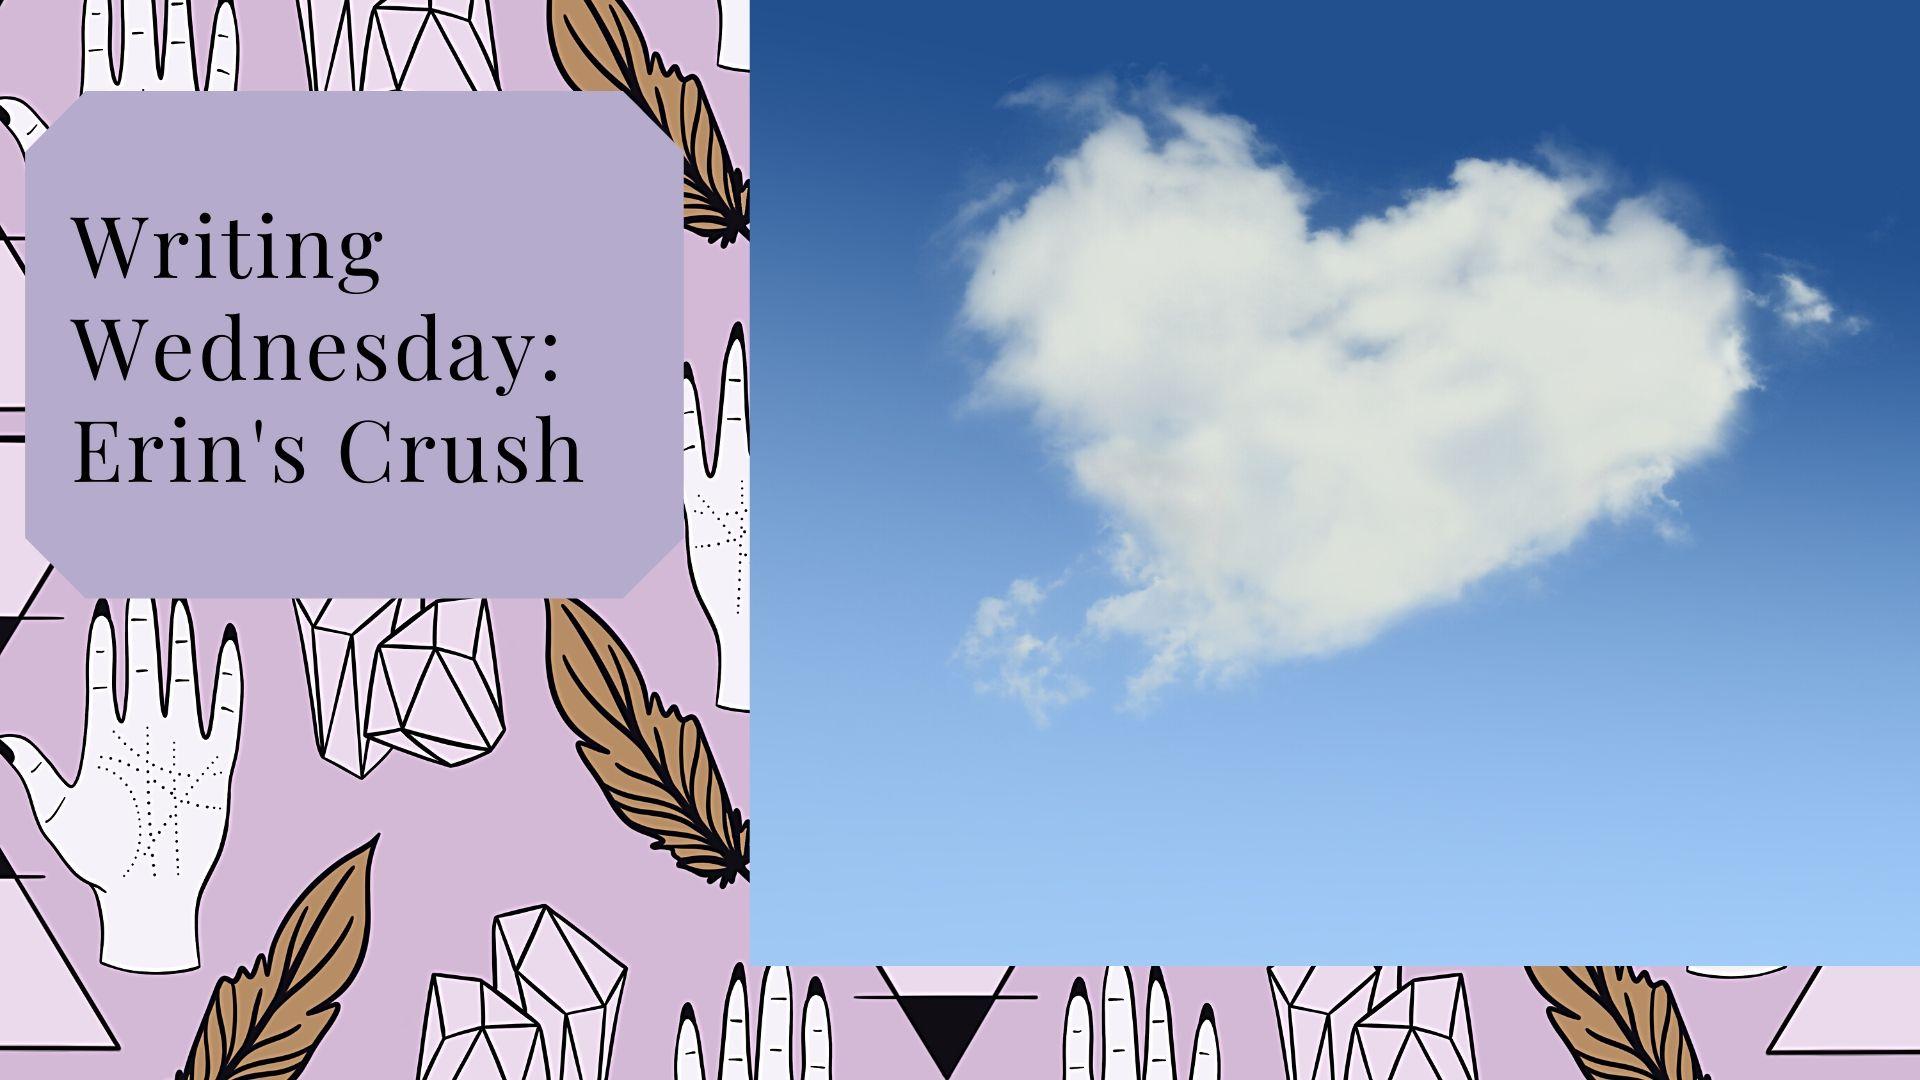 Writing Wednesday: Erin's Crush